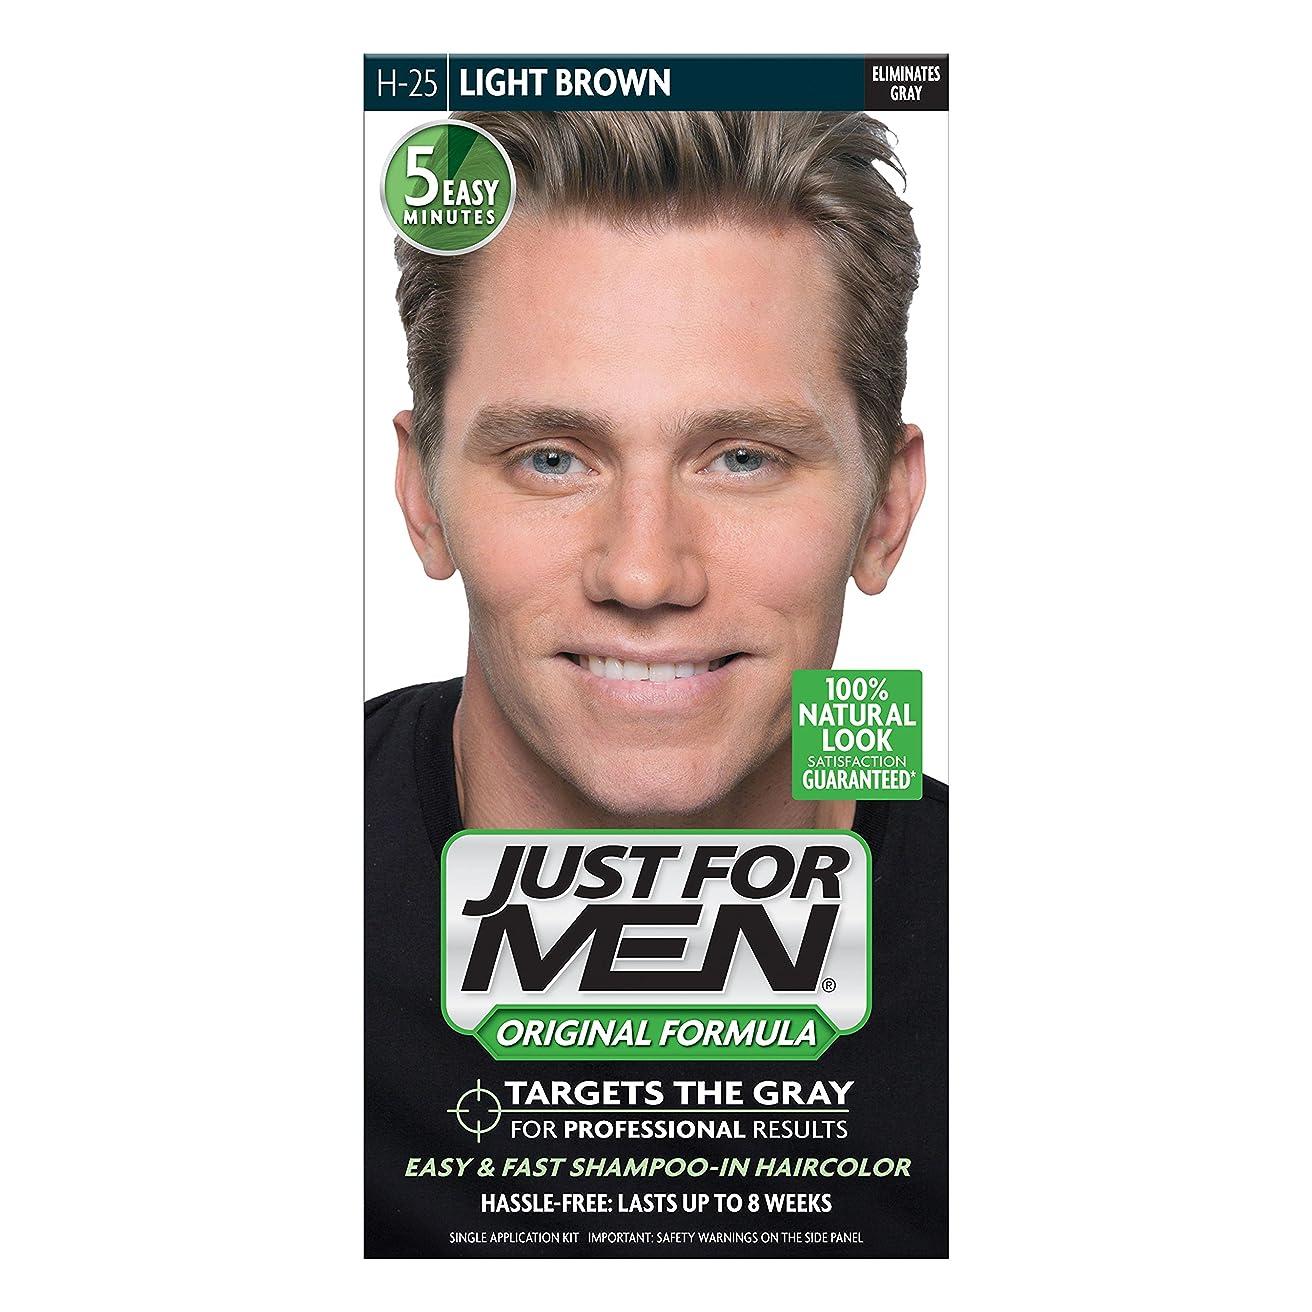 レポートを書くメロントークンJust For Men Shampoo-In Hair Color Light Brown # 25 1 Application (並行輸入品)